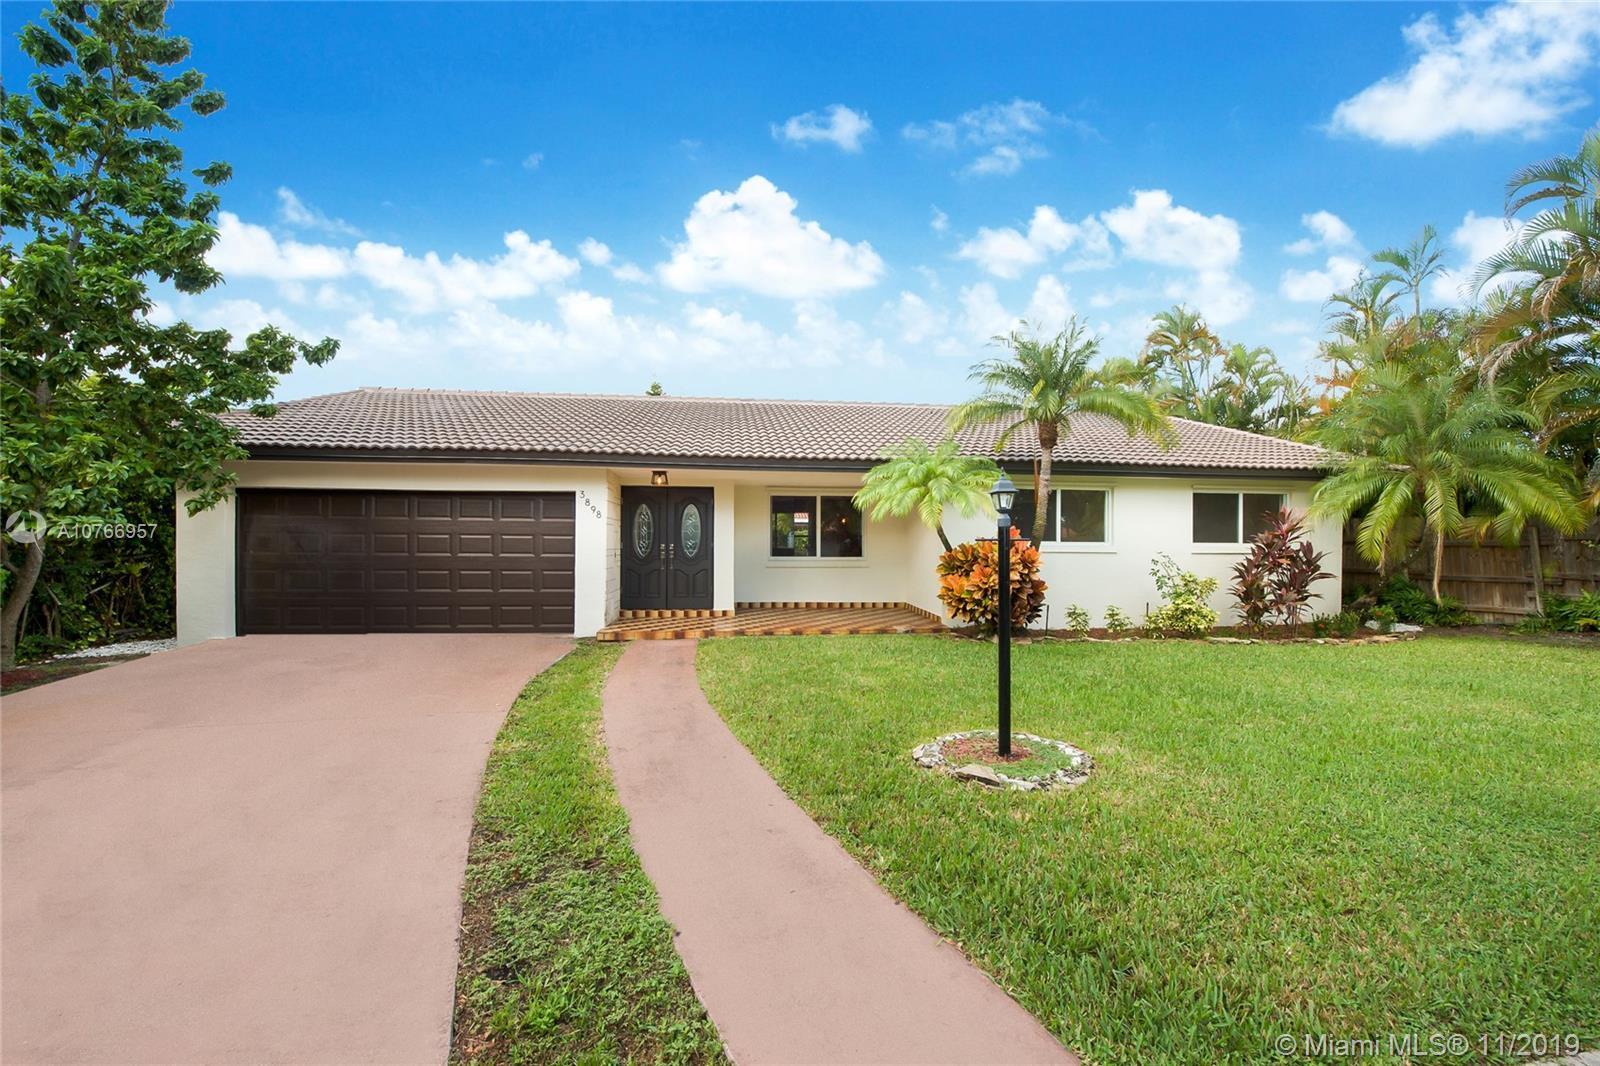 3898 SW 126th Ct - Miami, Florida